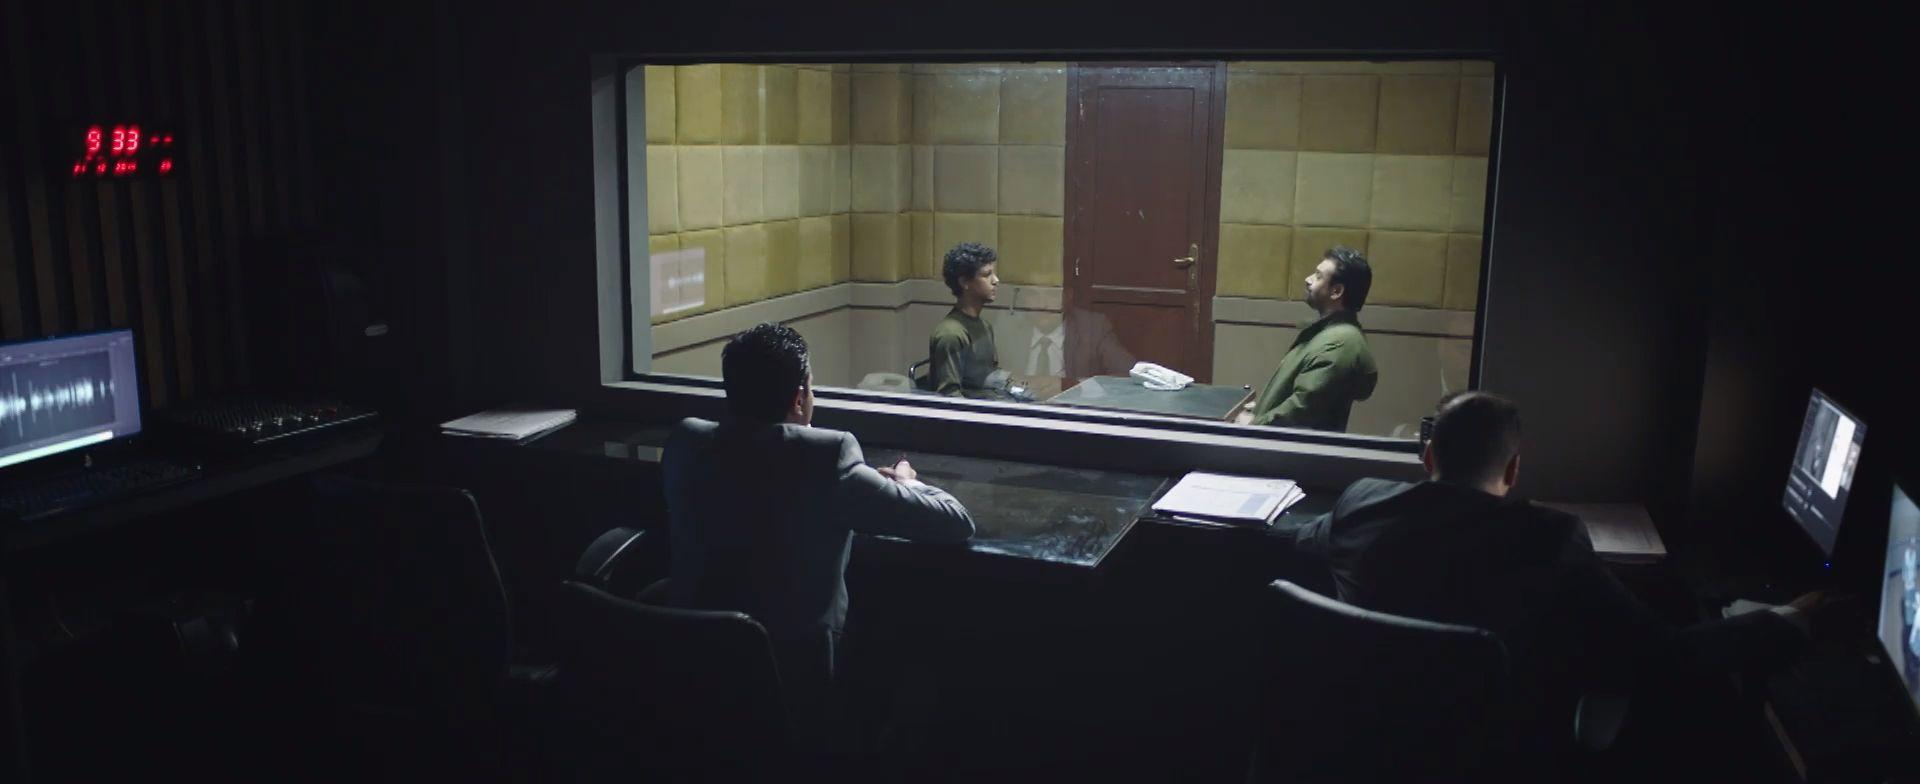 مسلسل الاختيار 2 الحلقة 18 (2)